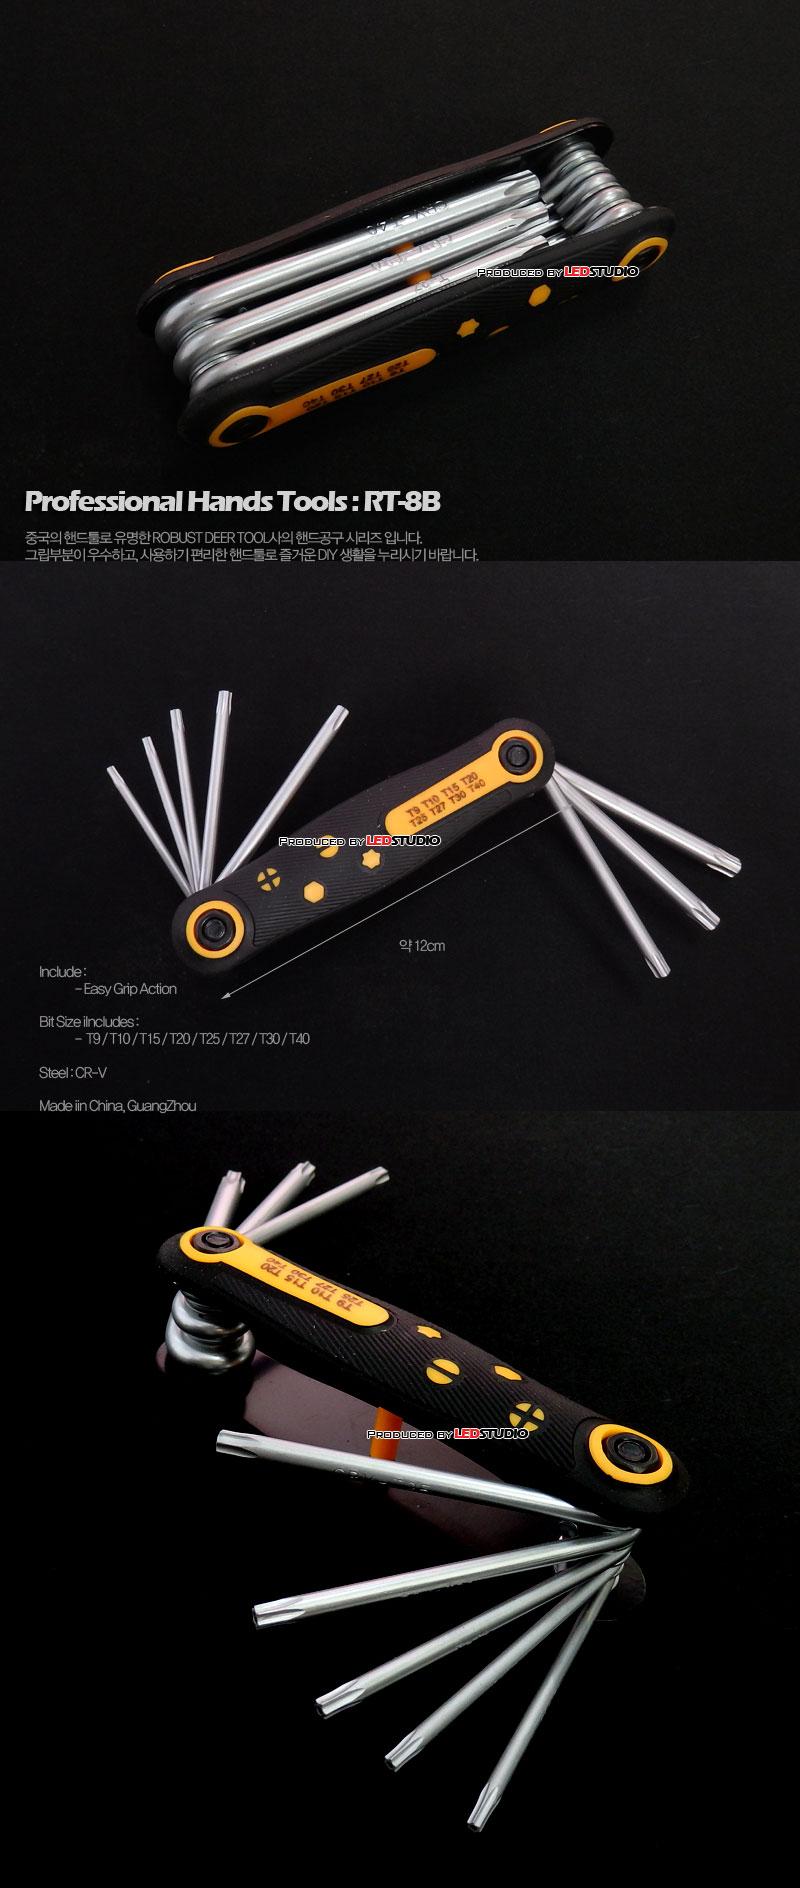 프로페셔날 핸드툴 시리즈 : RT-8B (별드라이버)